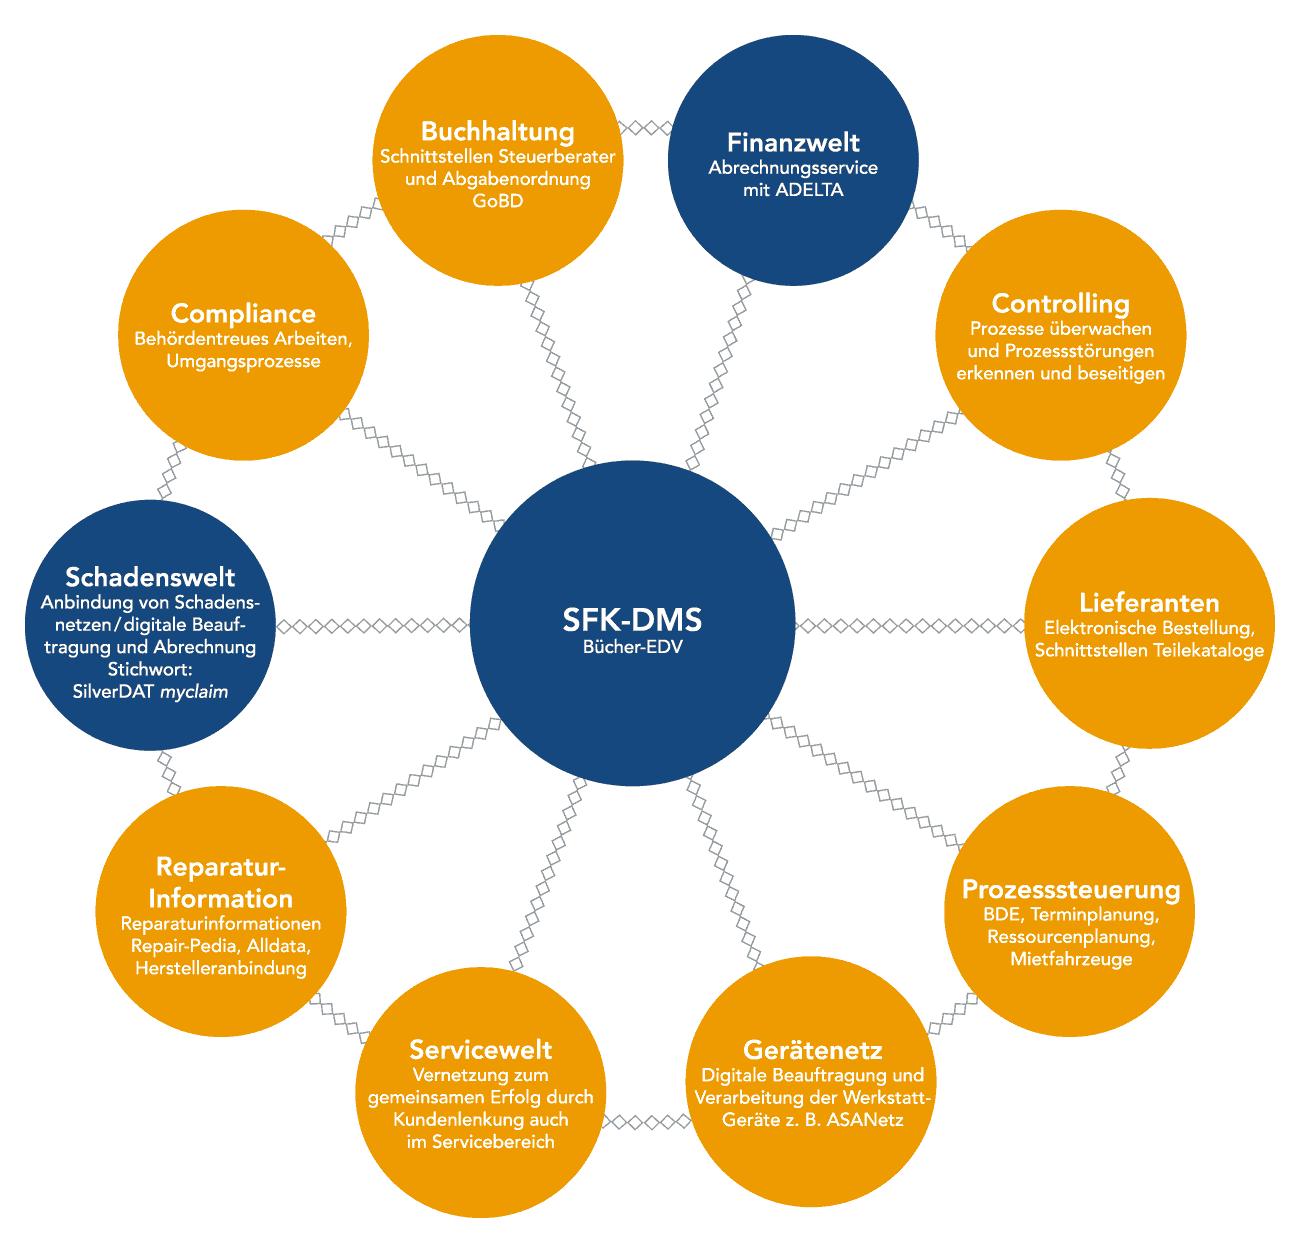 Vernetzte Arbeitswelt in Kfz-Werkstätten. Der ADELTA-Abrechnungsservice 4.0 ist in das Werkstatt-Management-System entlang des Workflows integriert.